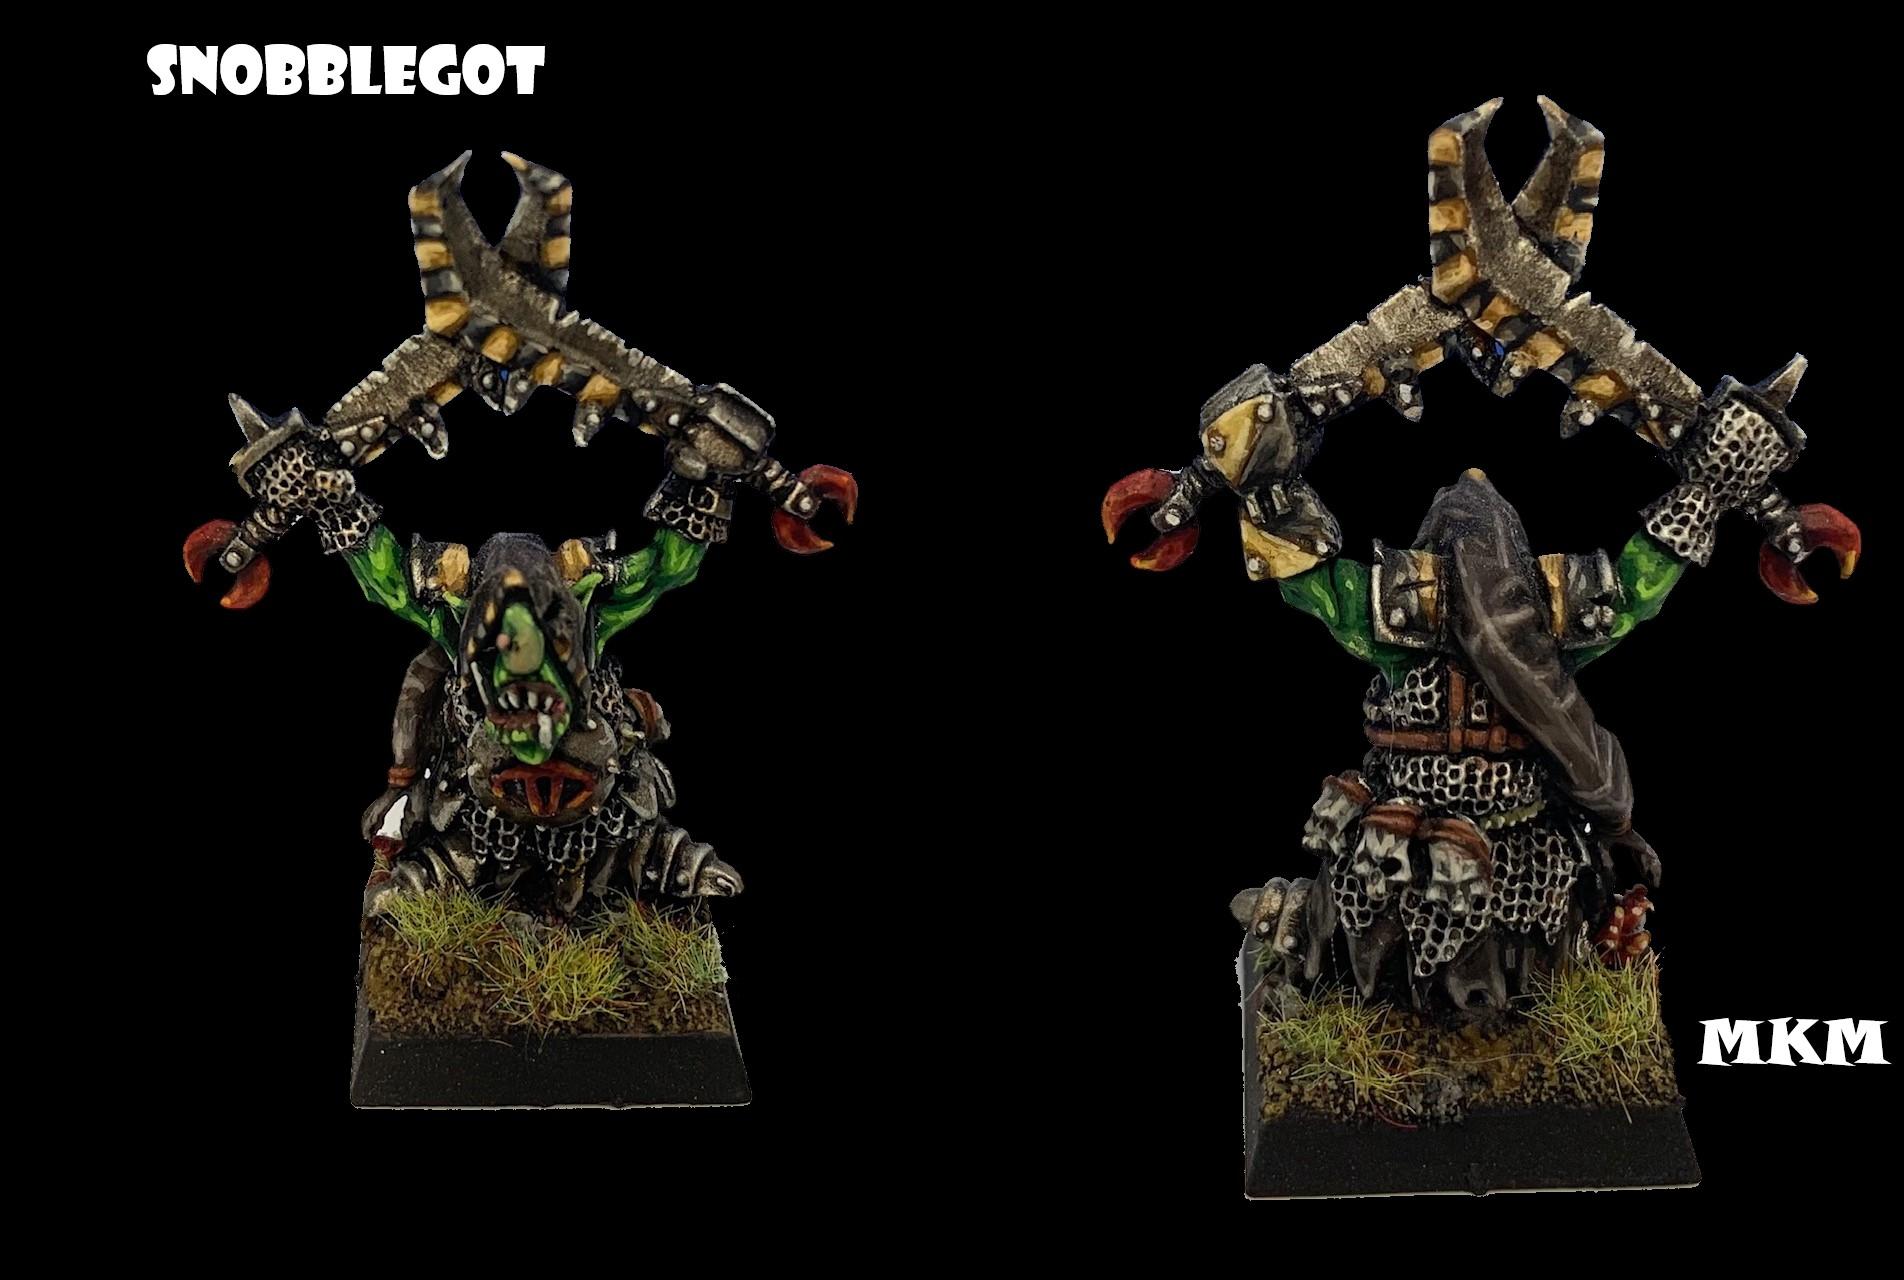 SNOBBLEGOT, Night Goblin Chief